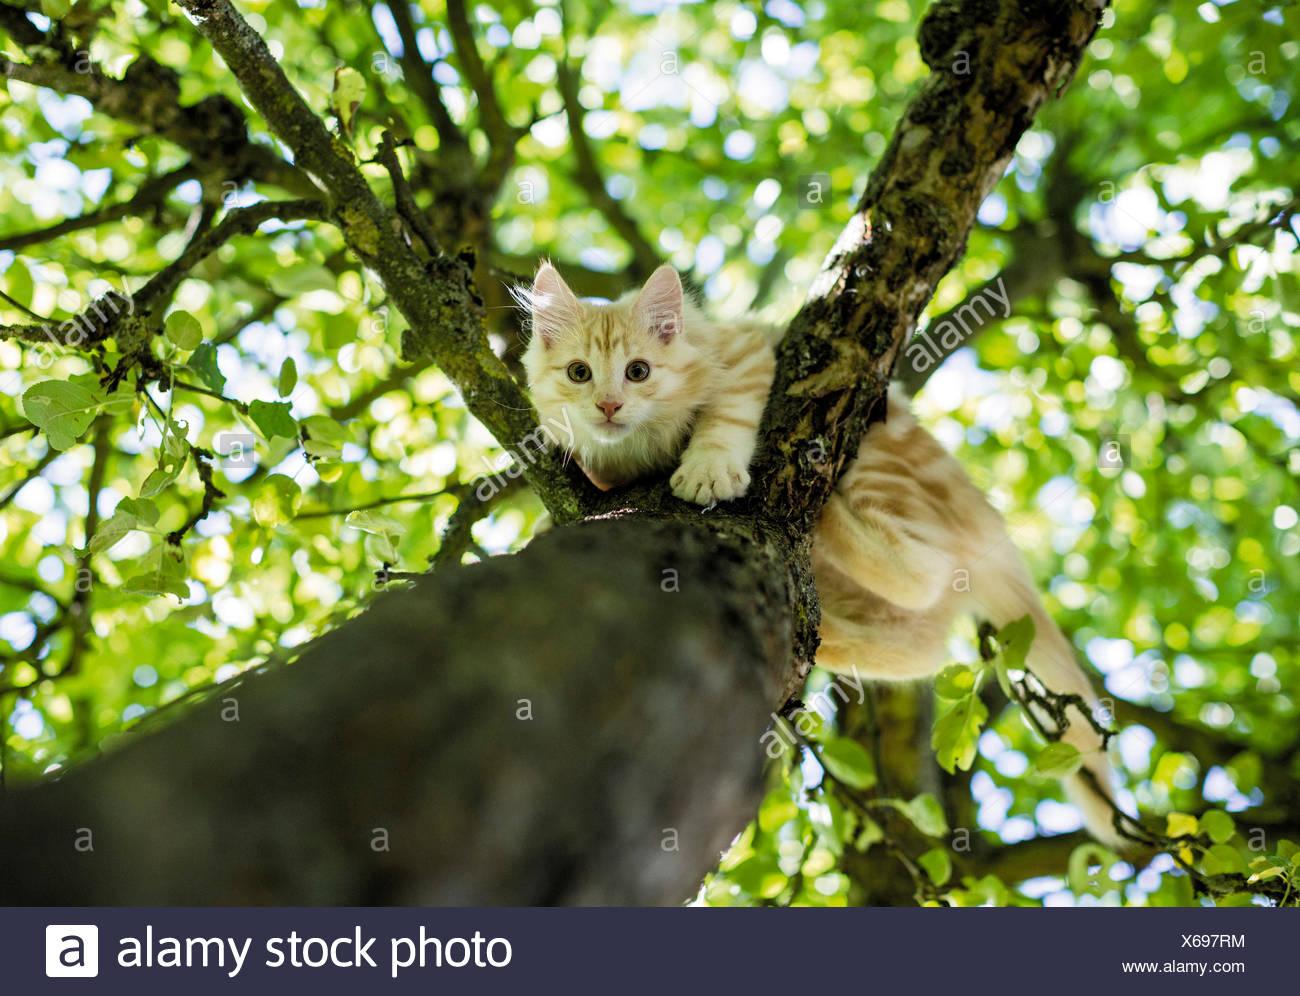 Climbing Tree Stock Ph...